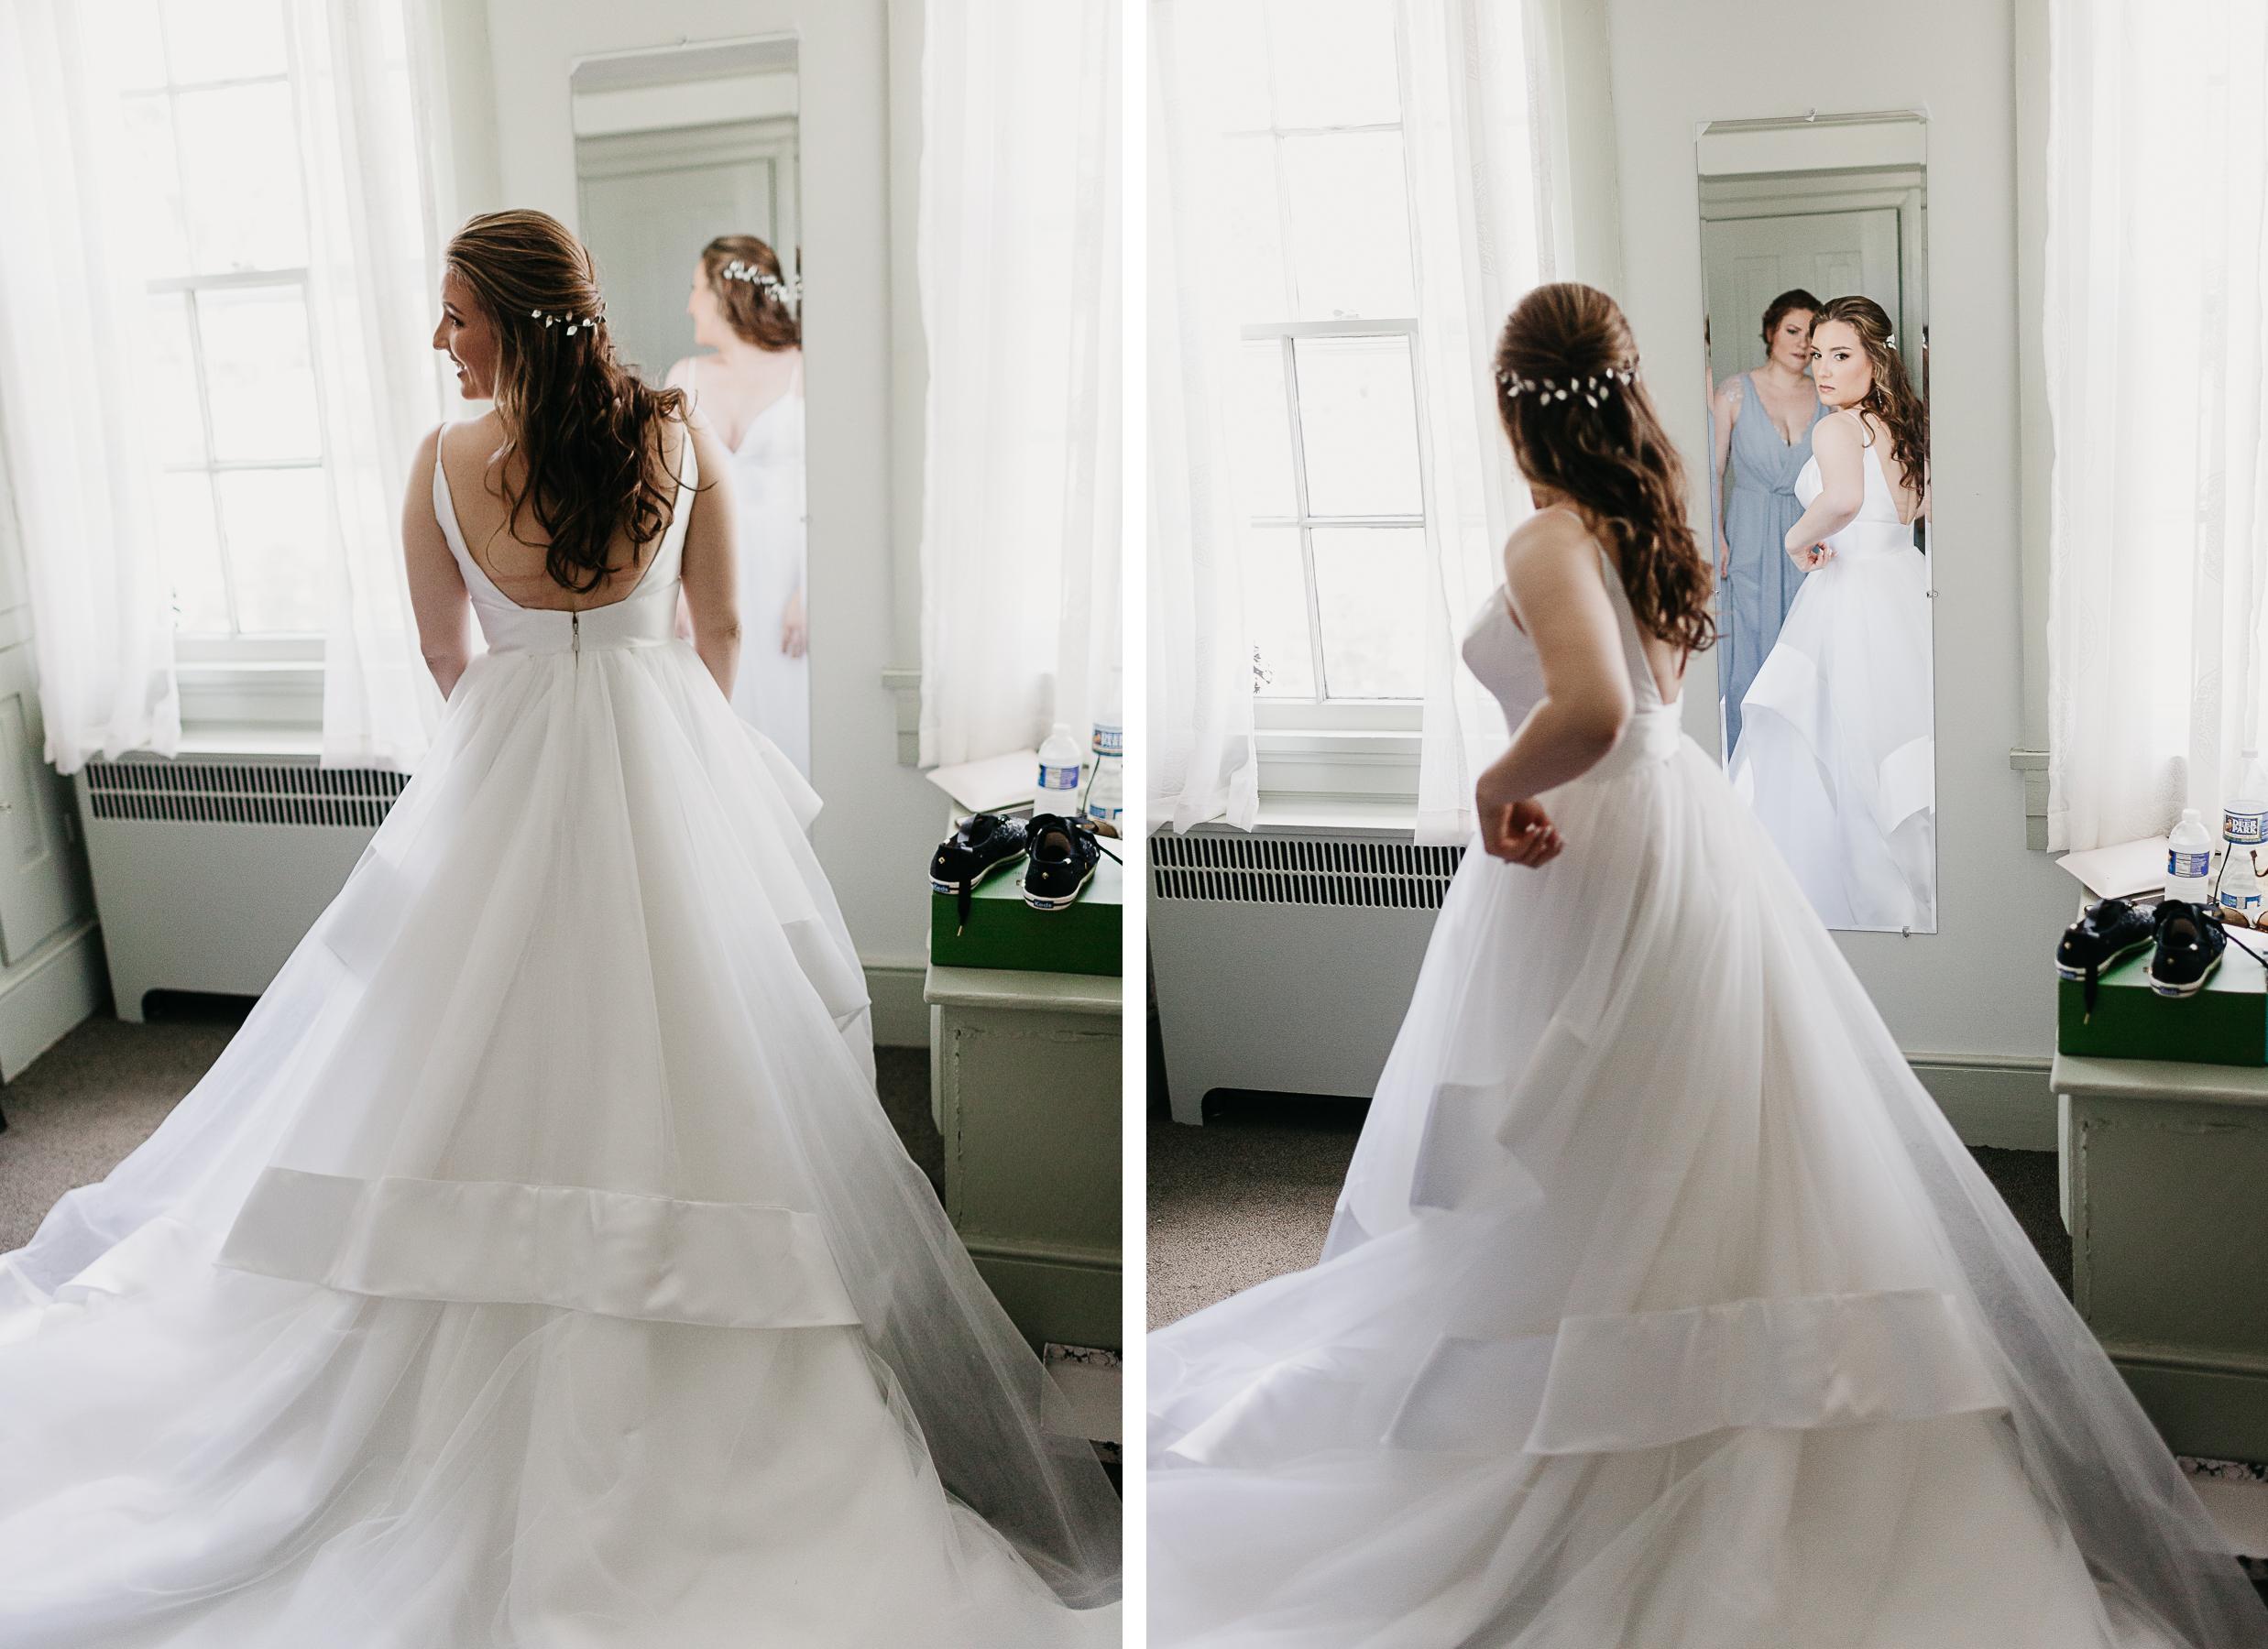 anna szczekutowicz austin wedding photographer-12.jpg